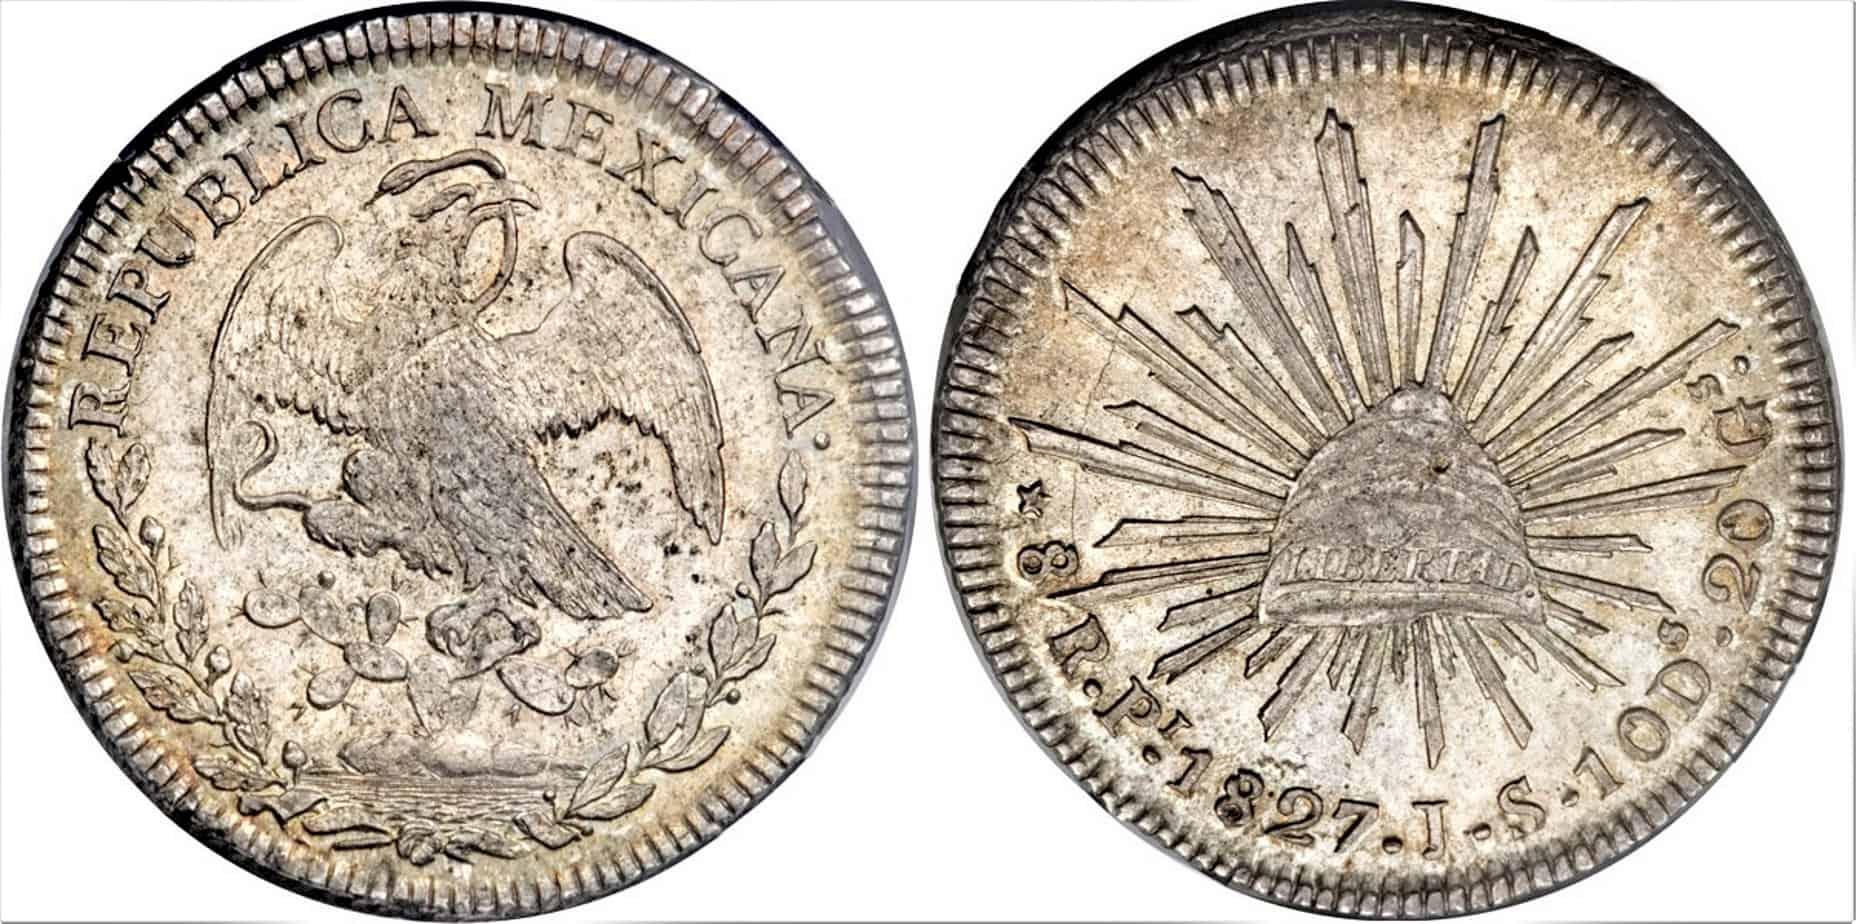 Las monedas mexicanas más caras